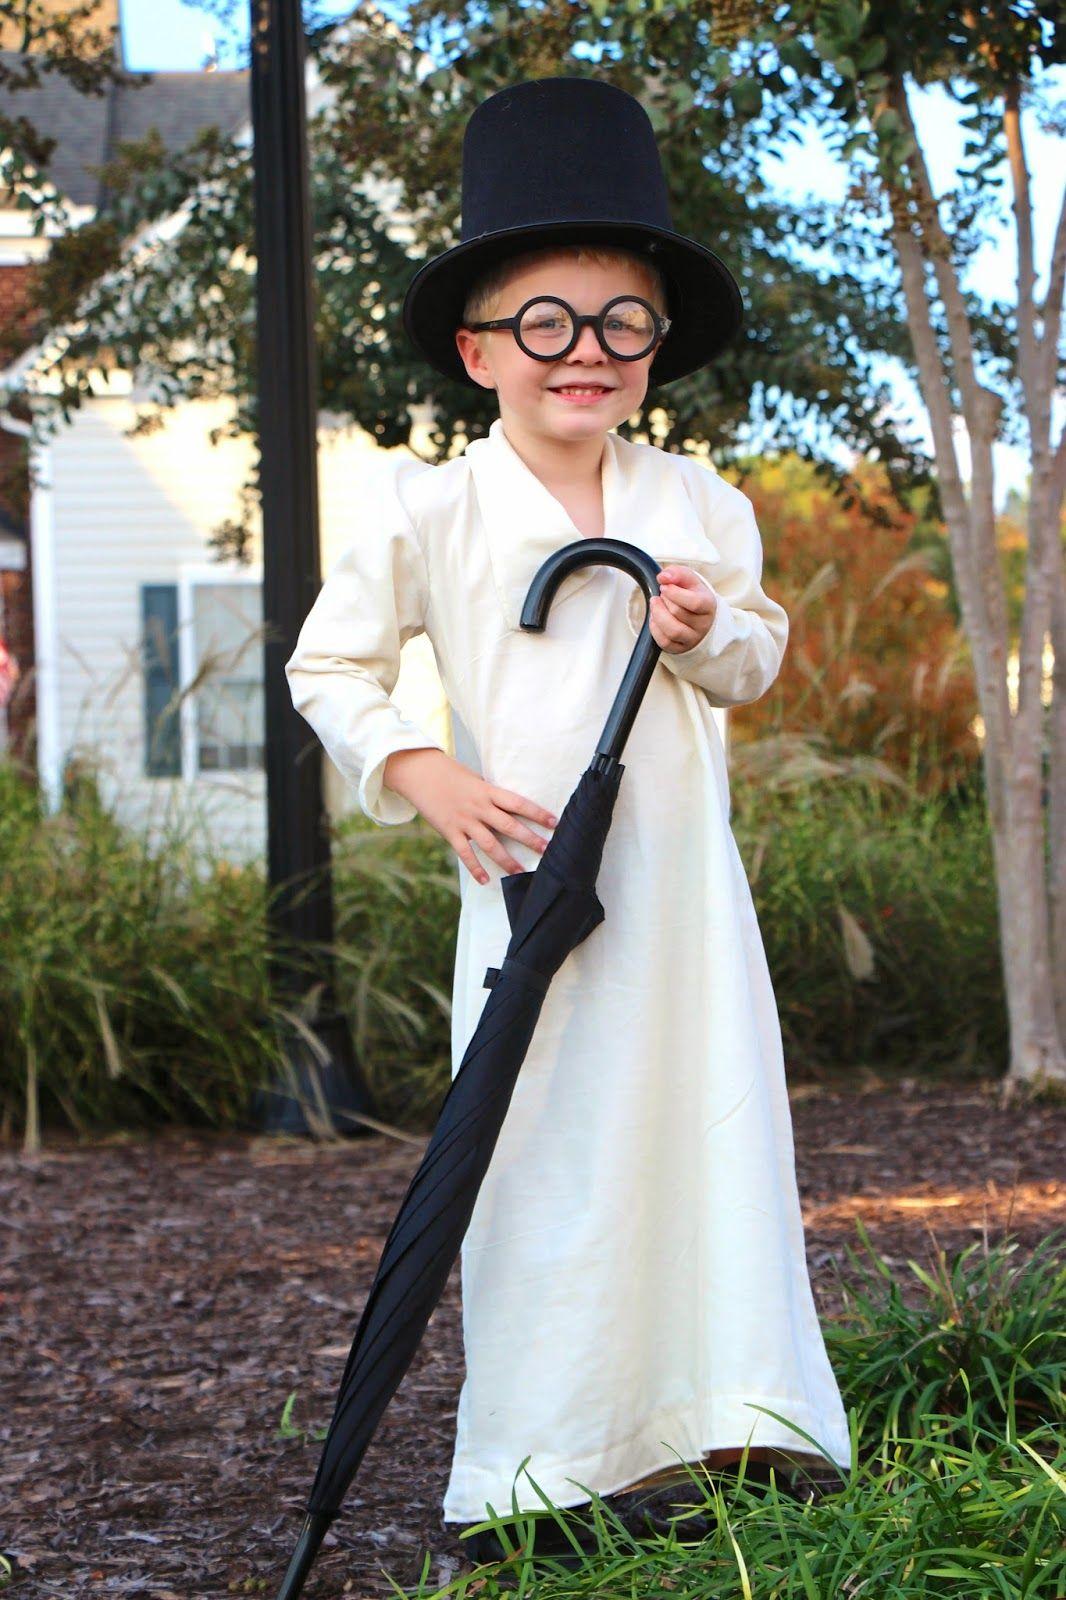 Peter Pan Costumes Jon Darling Peter Pan Costumes